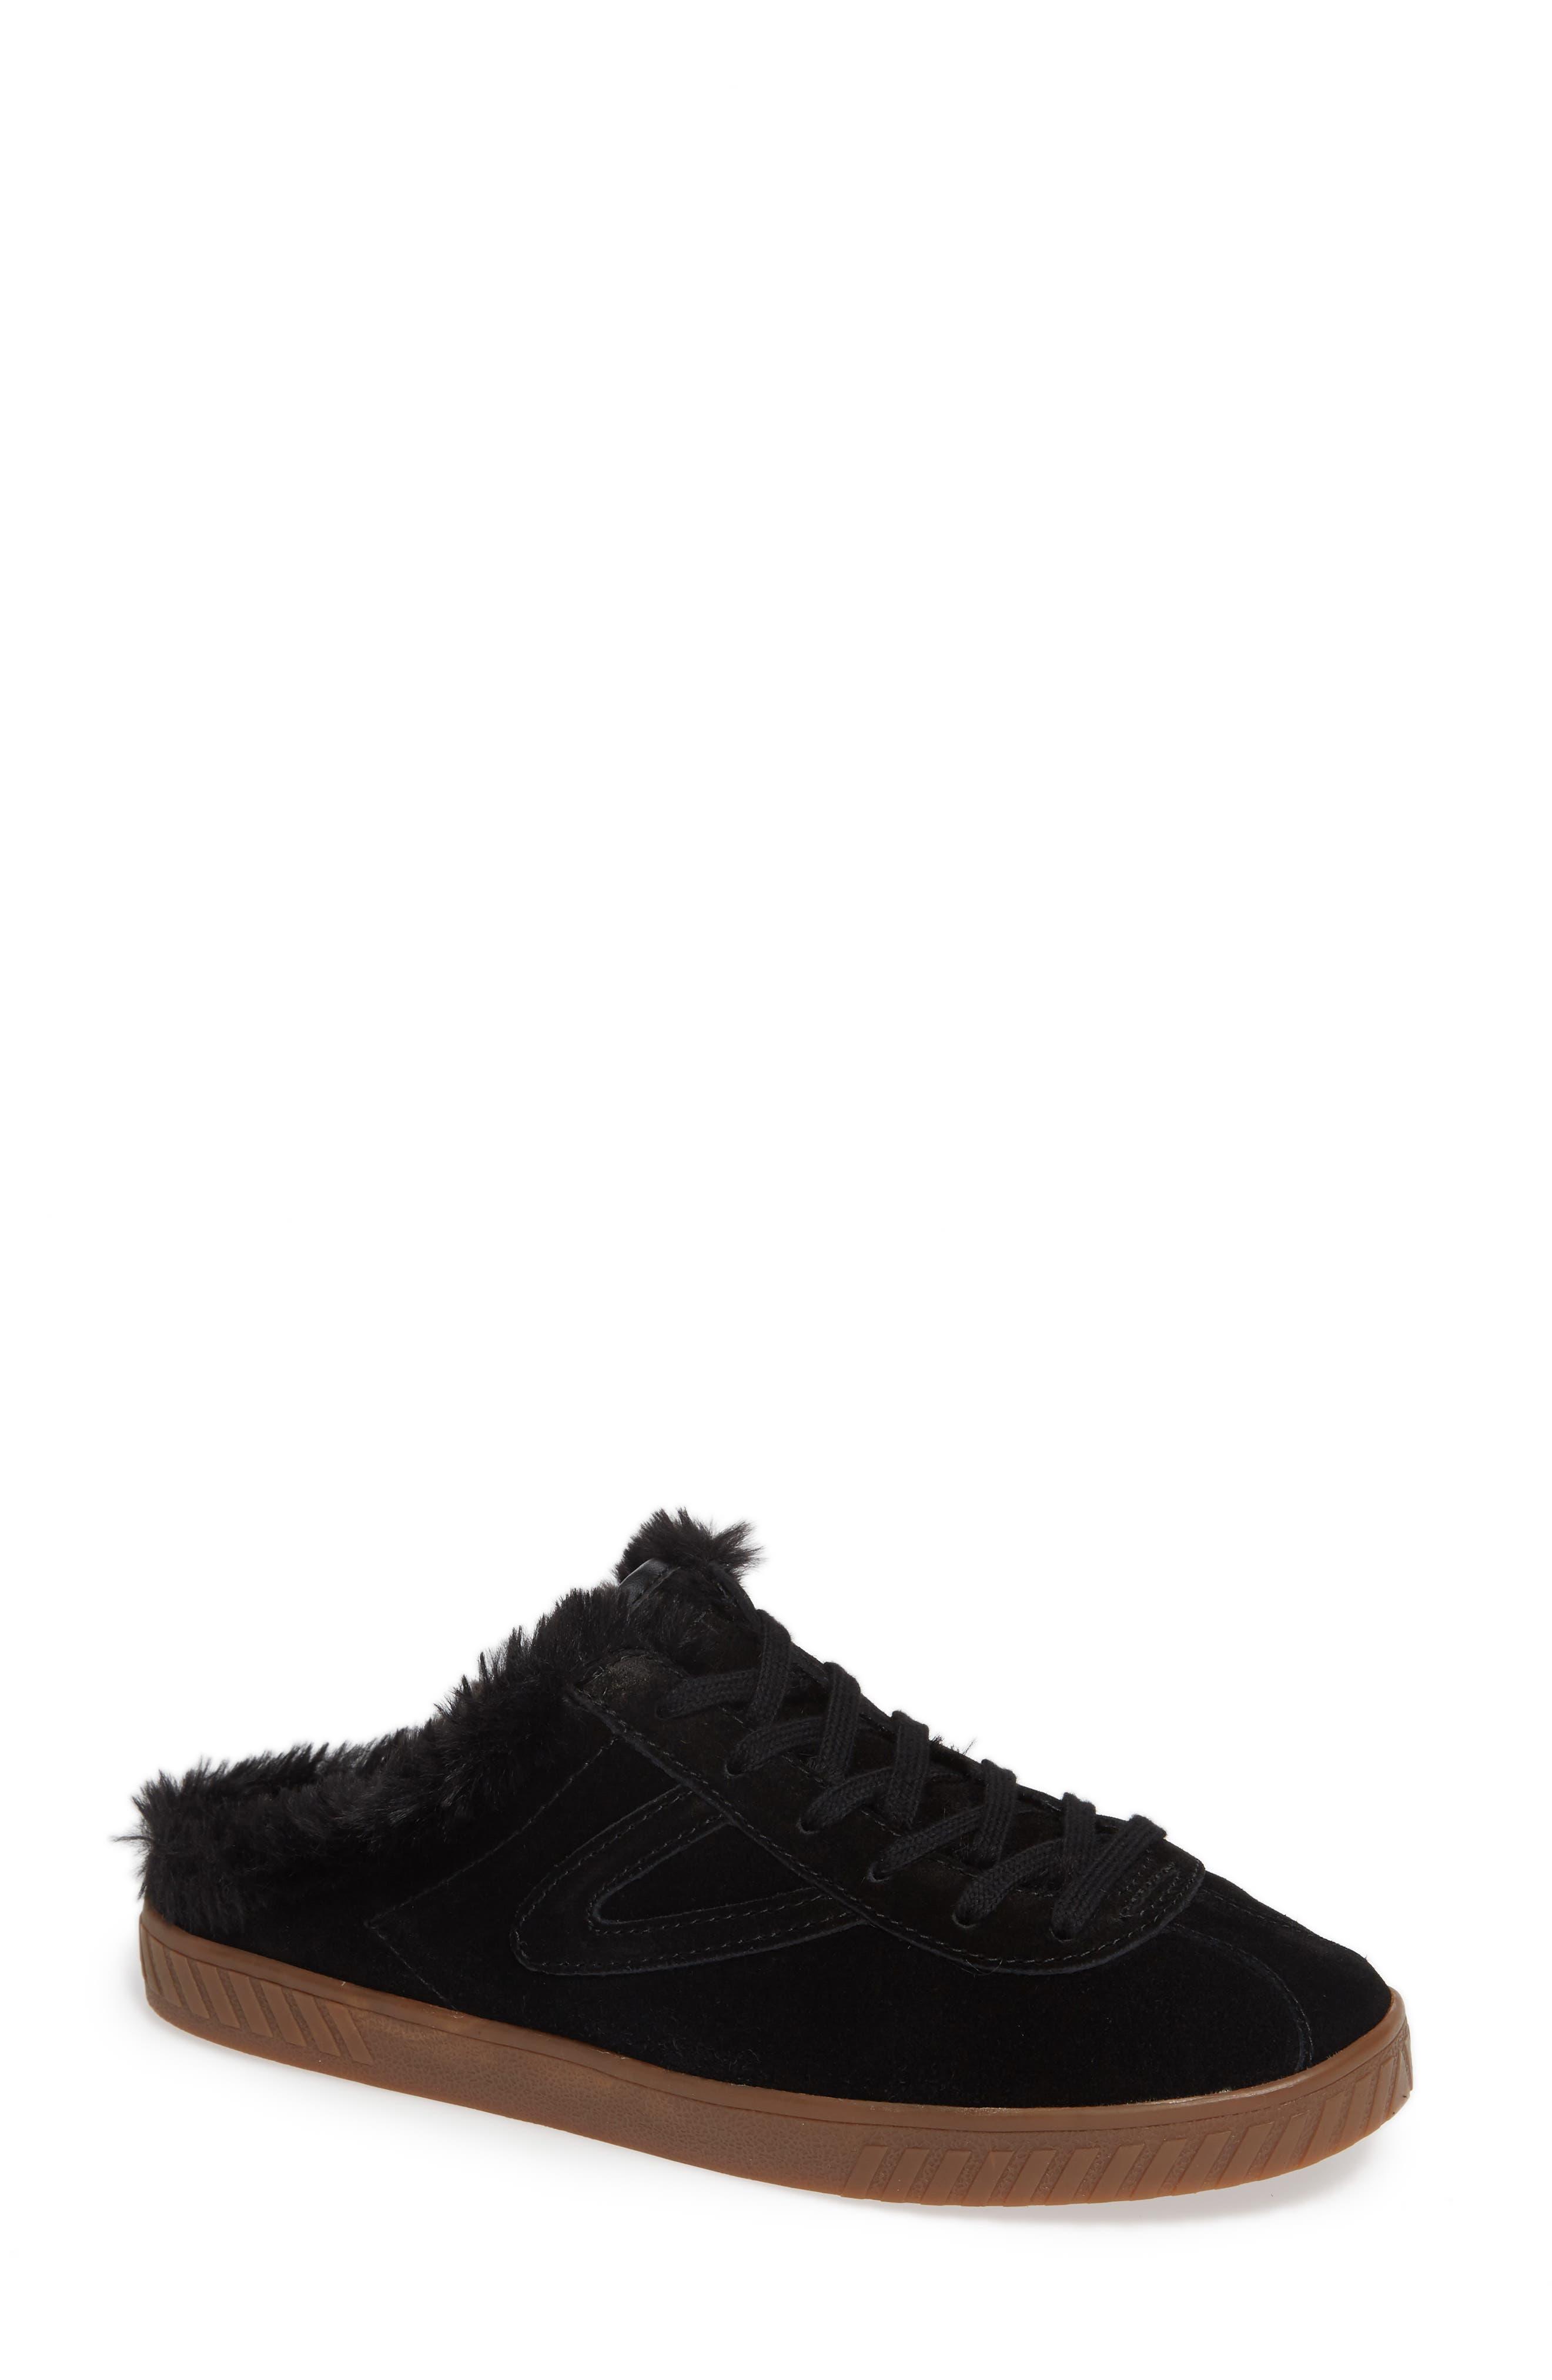 Cam 2 Slip-On Sneaker,                             Main thumbnail 1, color,                             BLACK